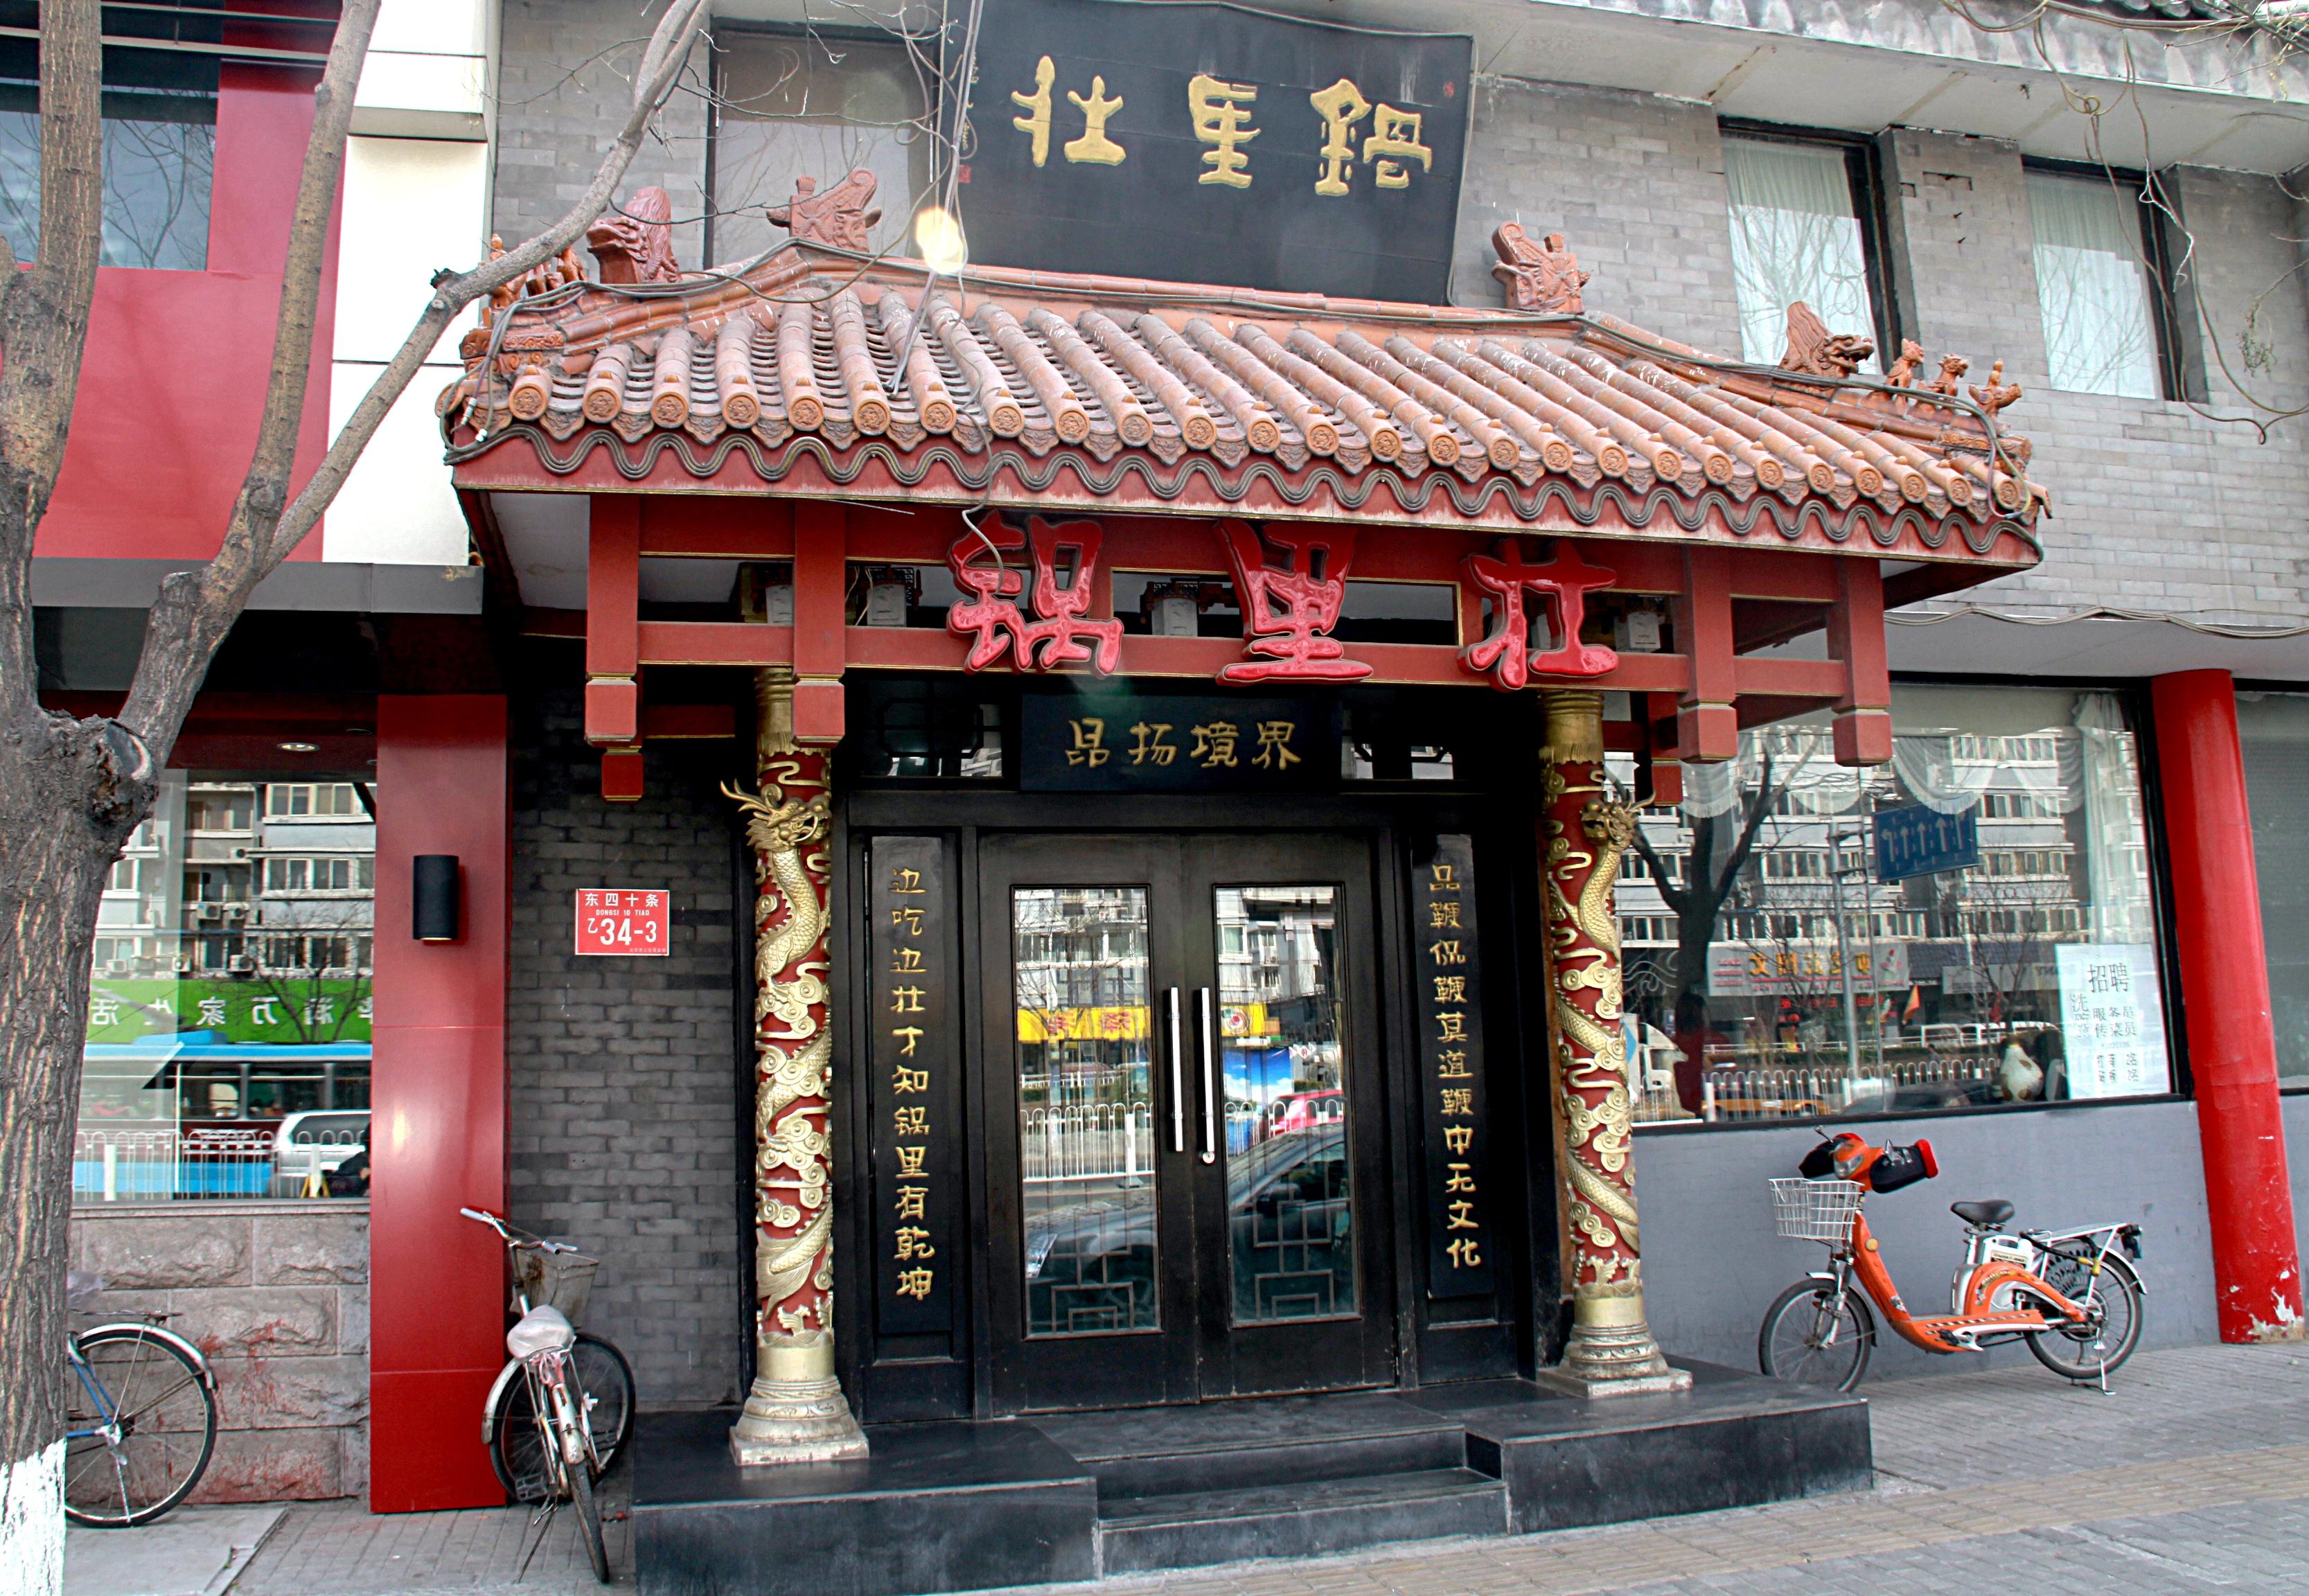 Guo Li Zhuang Wikipedia